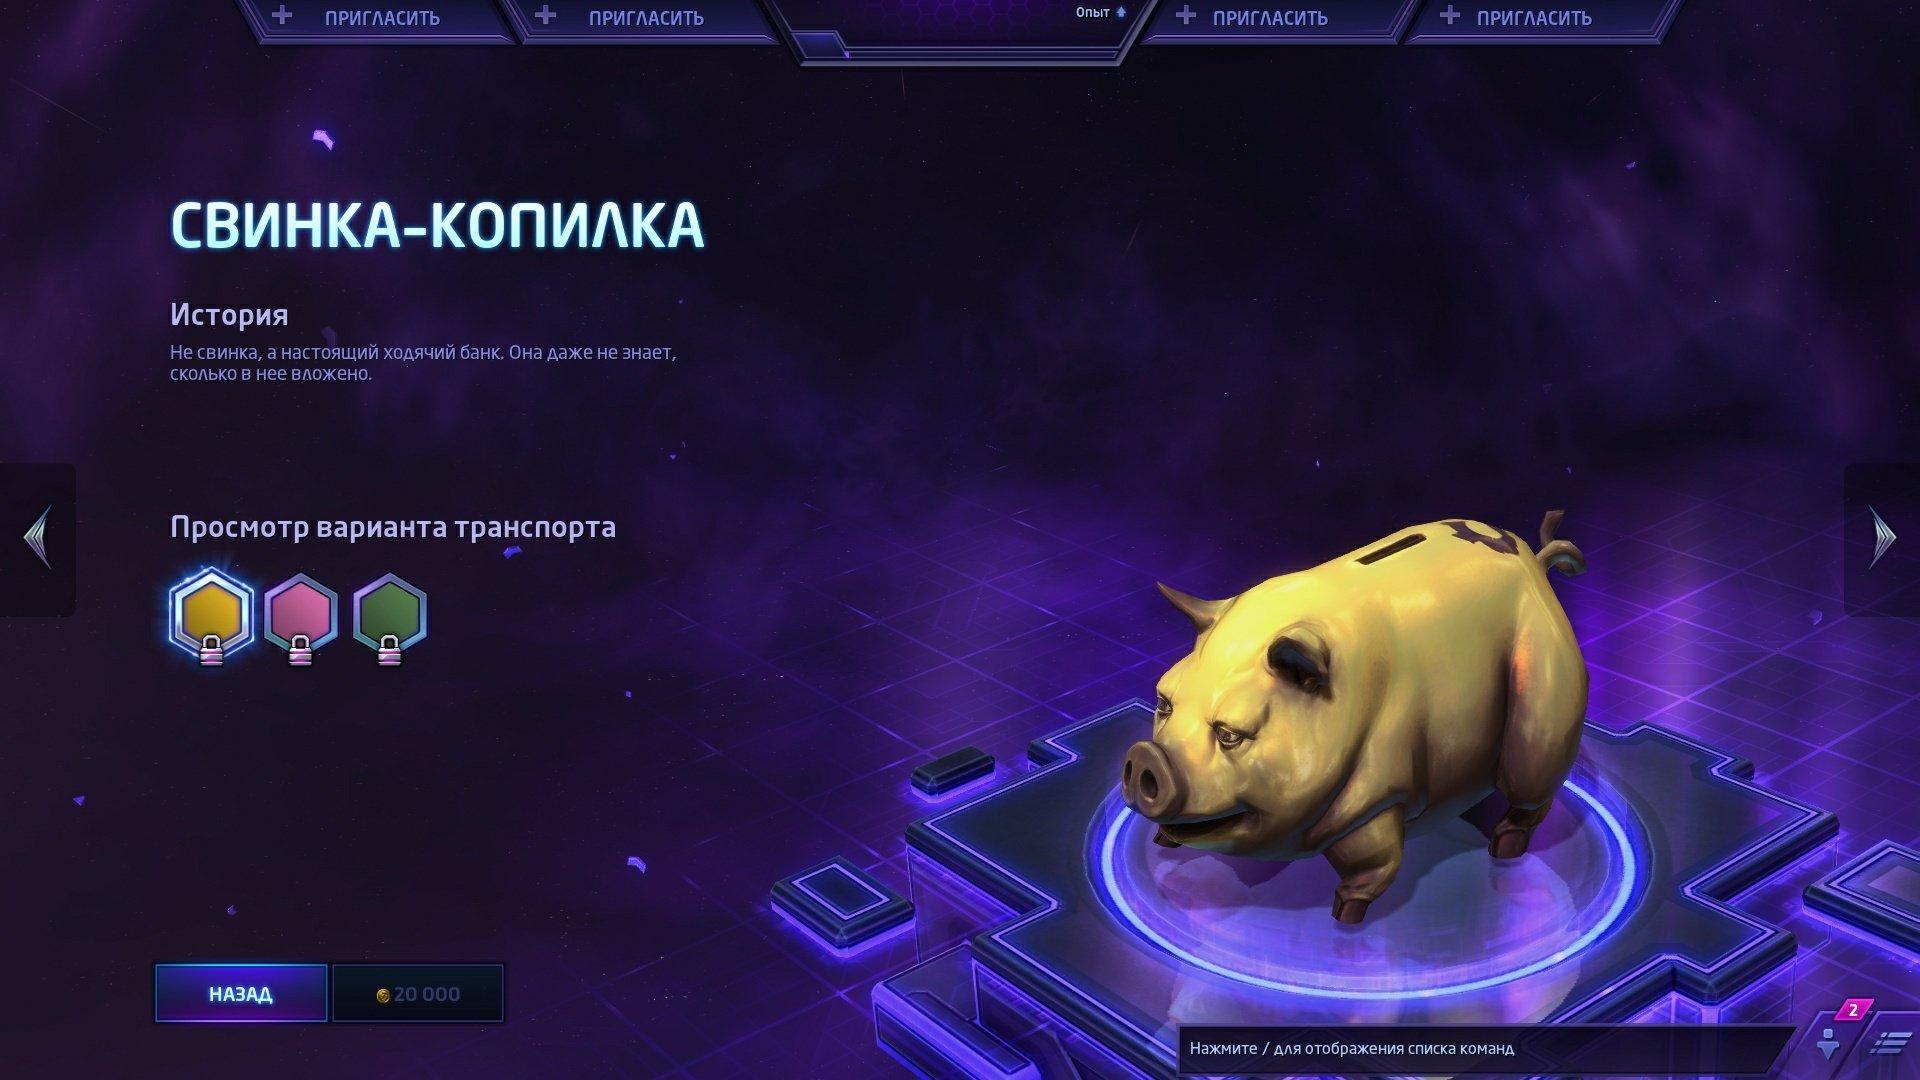 Ездовая свинка из Heroes of the storm. - Изображение 1